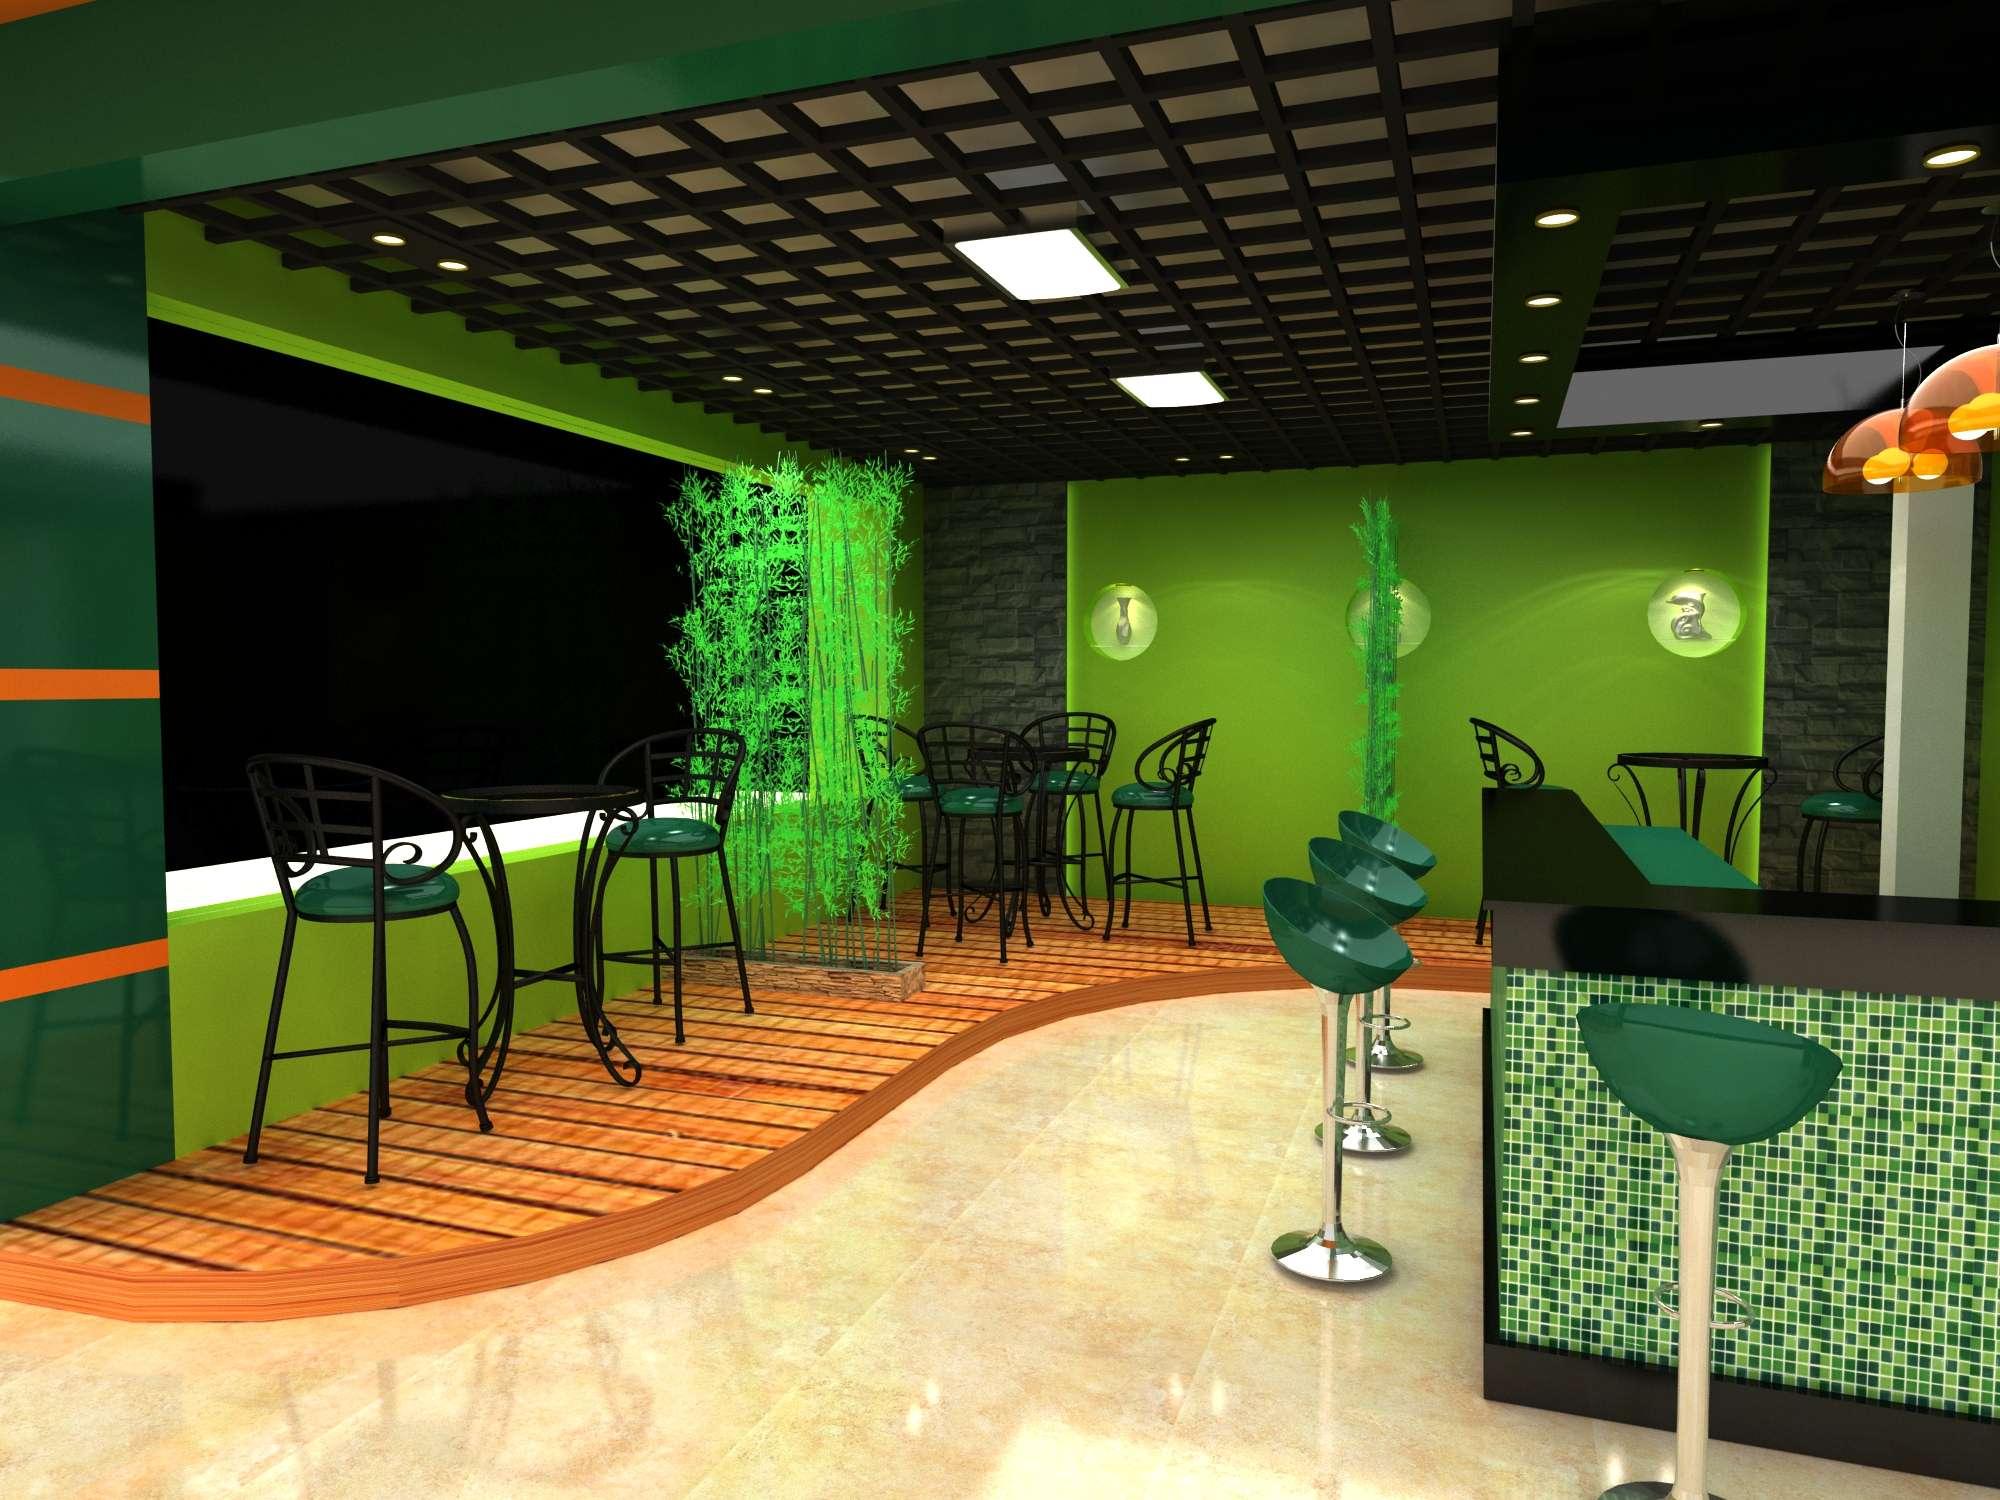 食品展示厅设计效果图